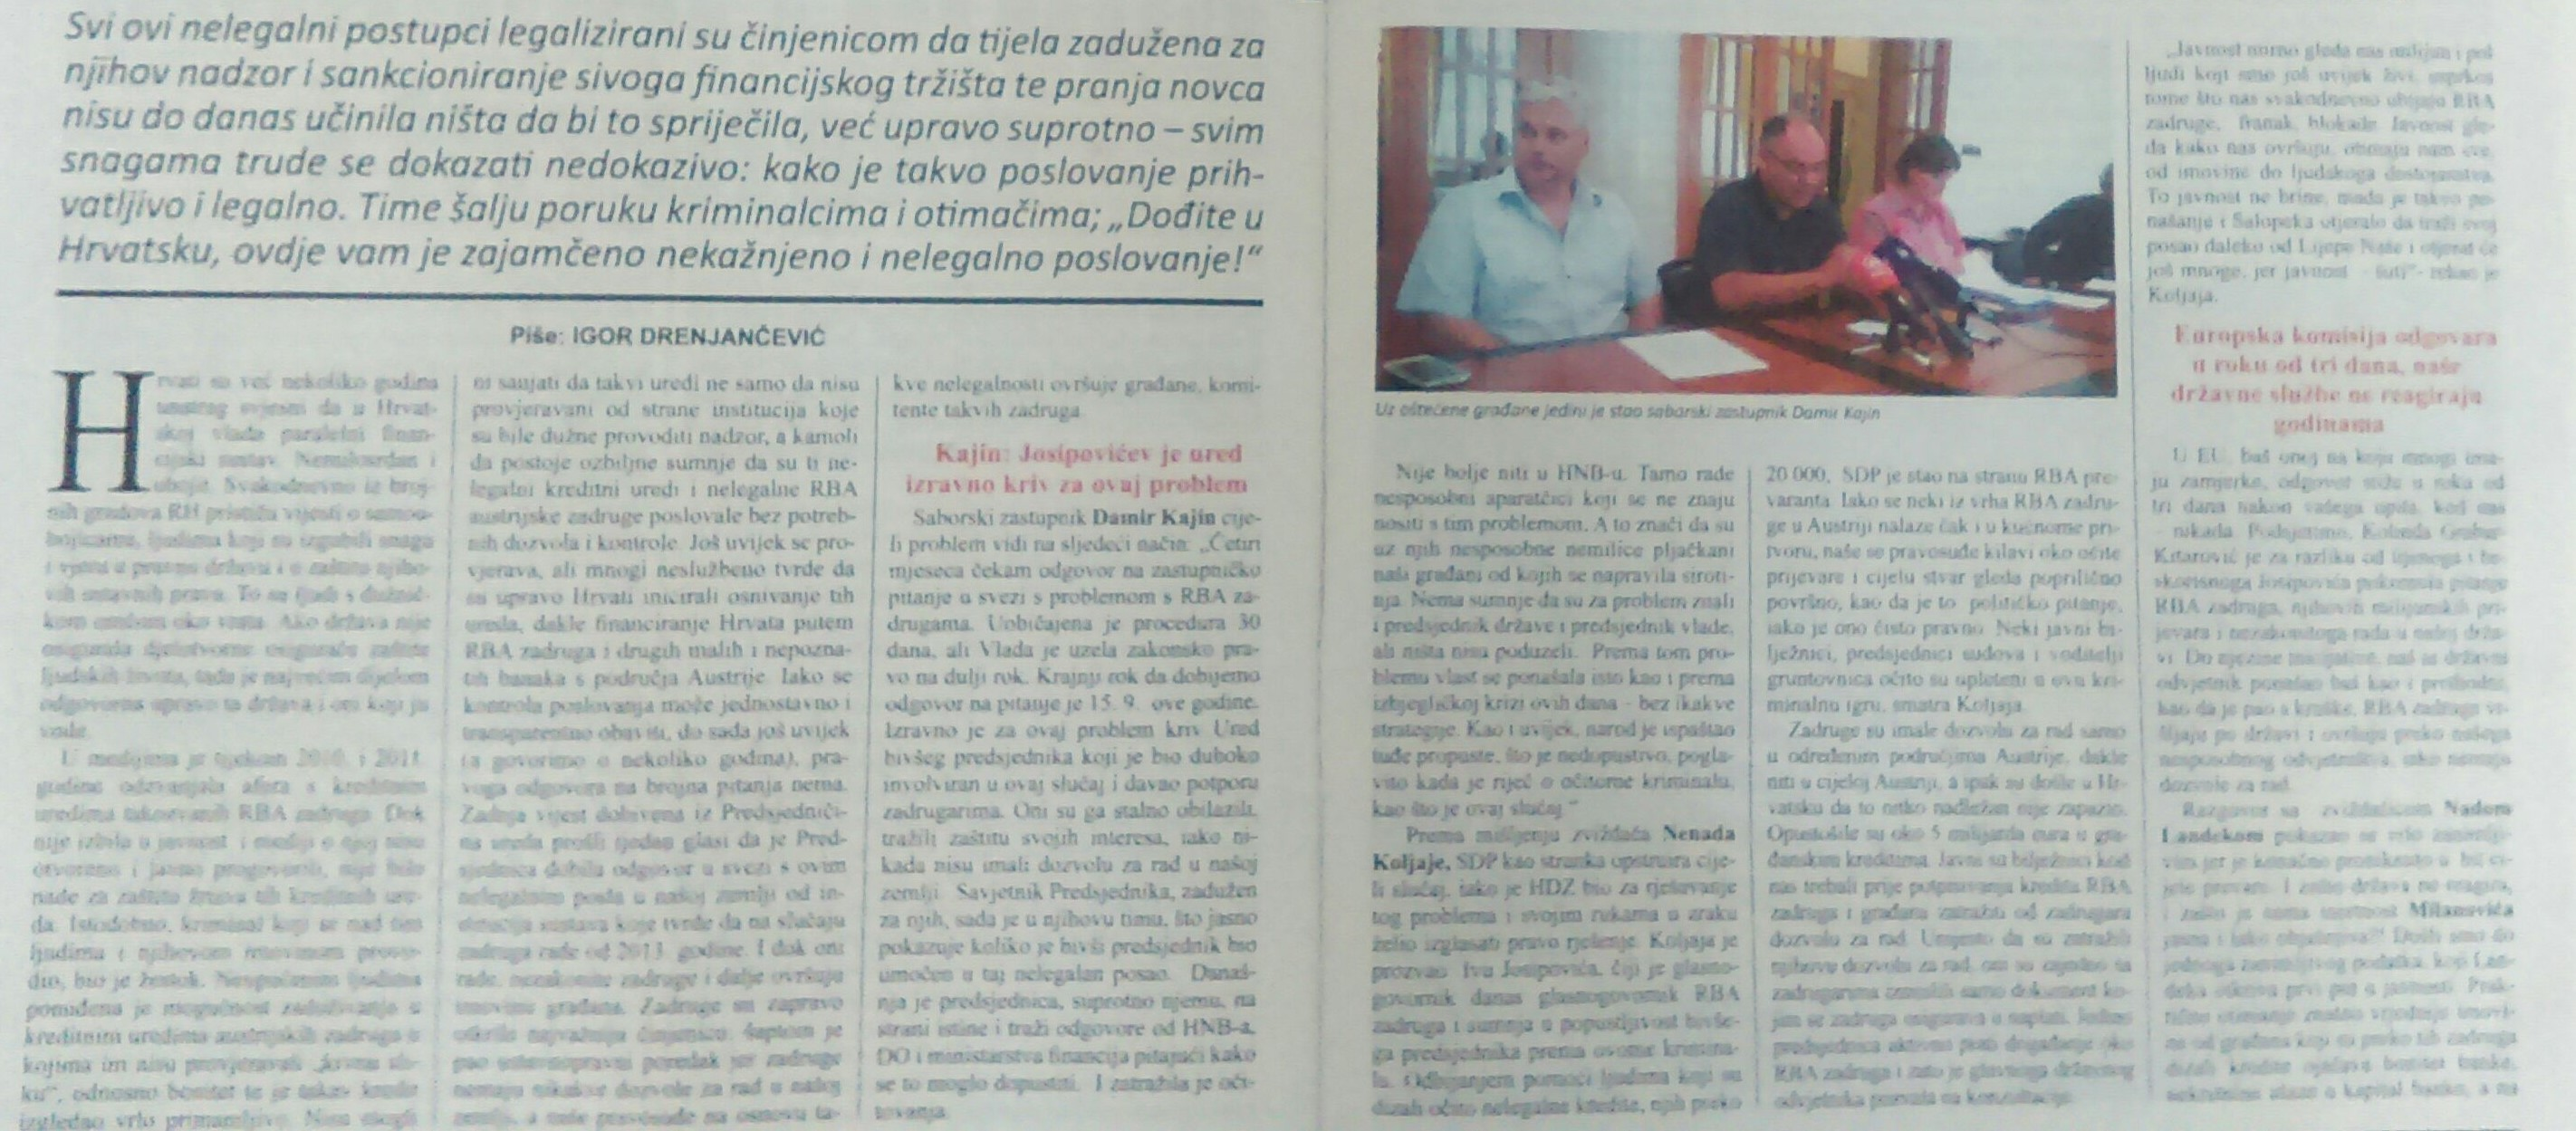 Novinar Igor Drenjančević aktivno je sudjelovao u razotkrivanju kriminala nelegalne pljačke hrvatskih građana